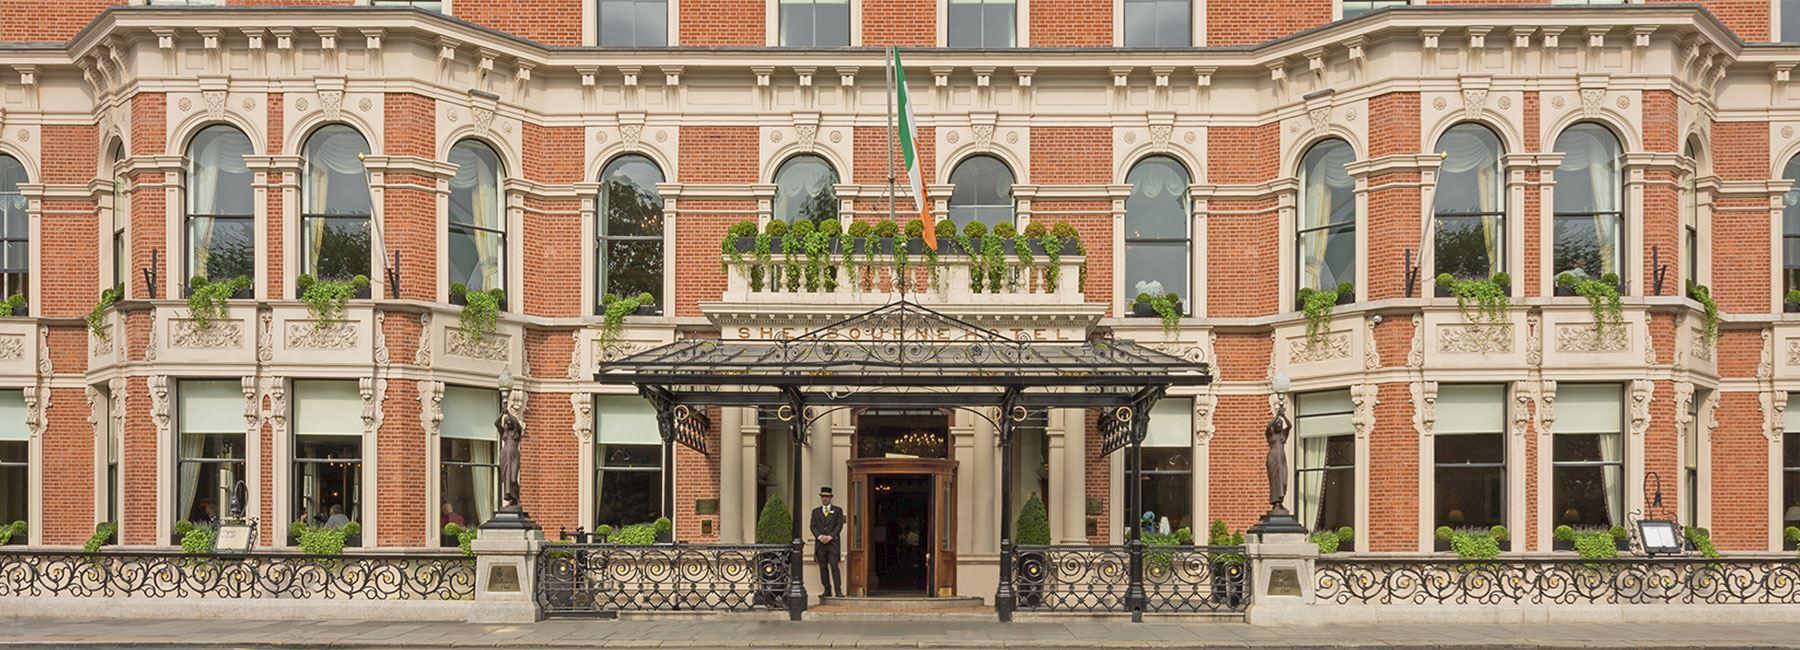 The Shelbourne Vouchers, Dublin